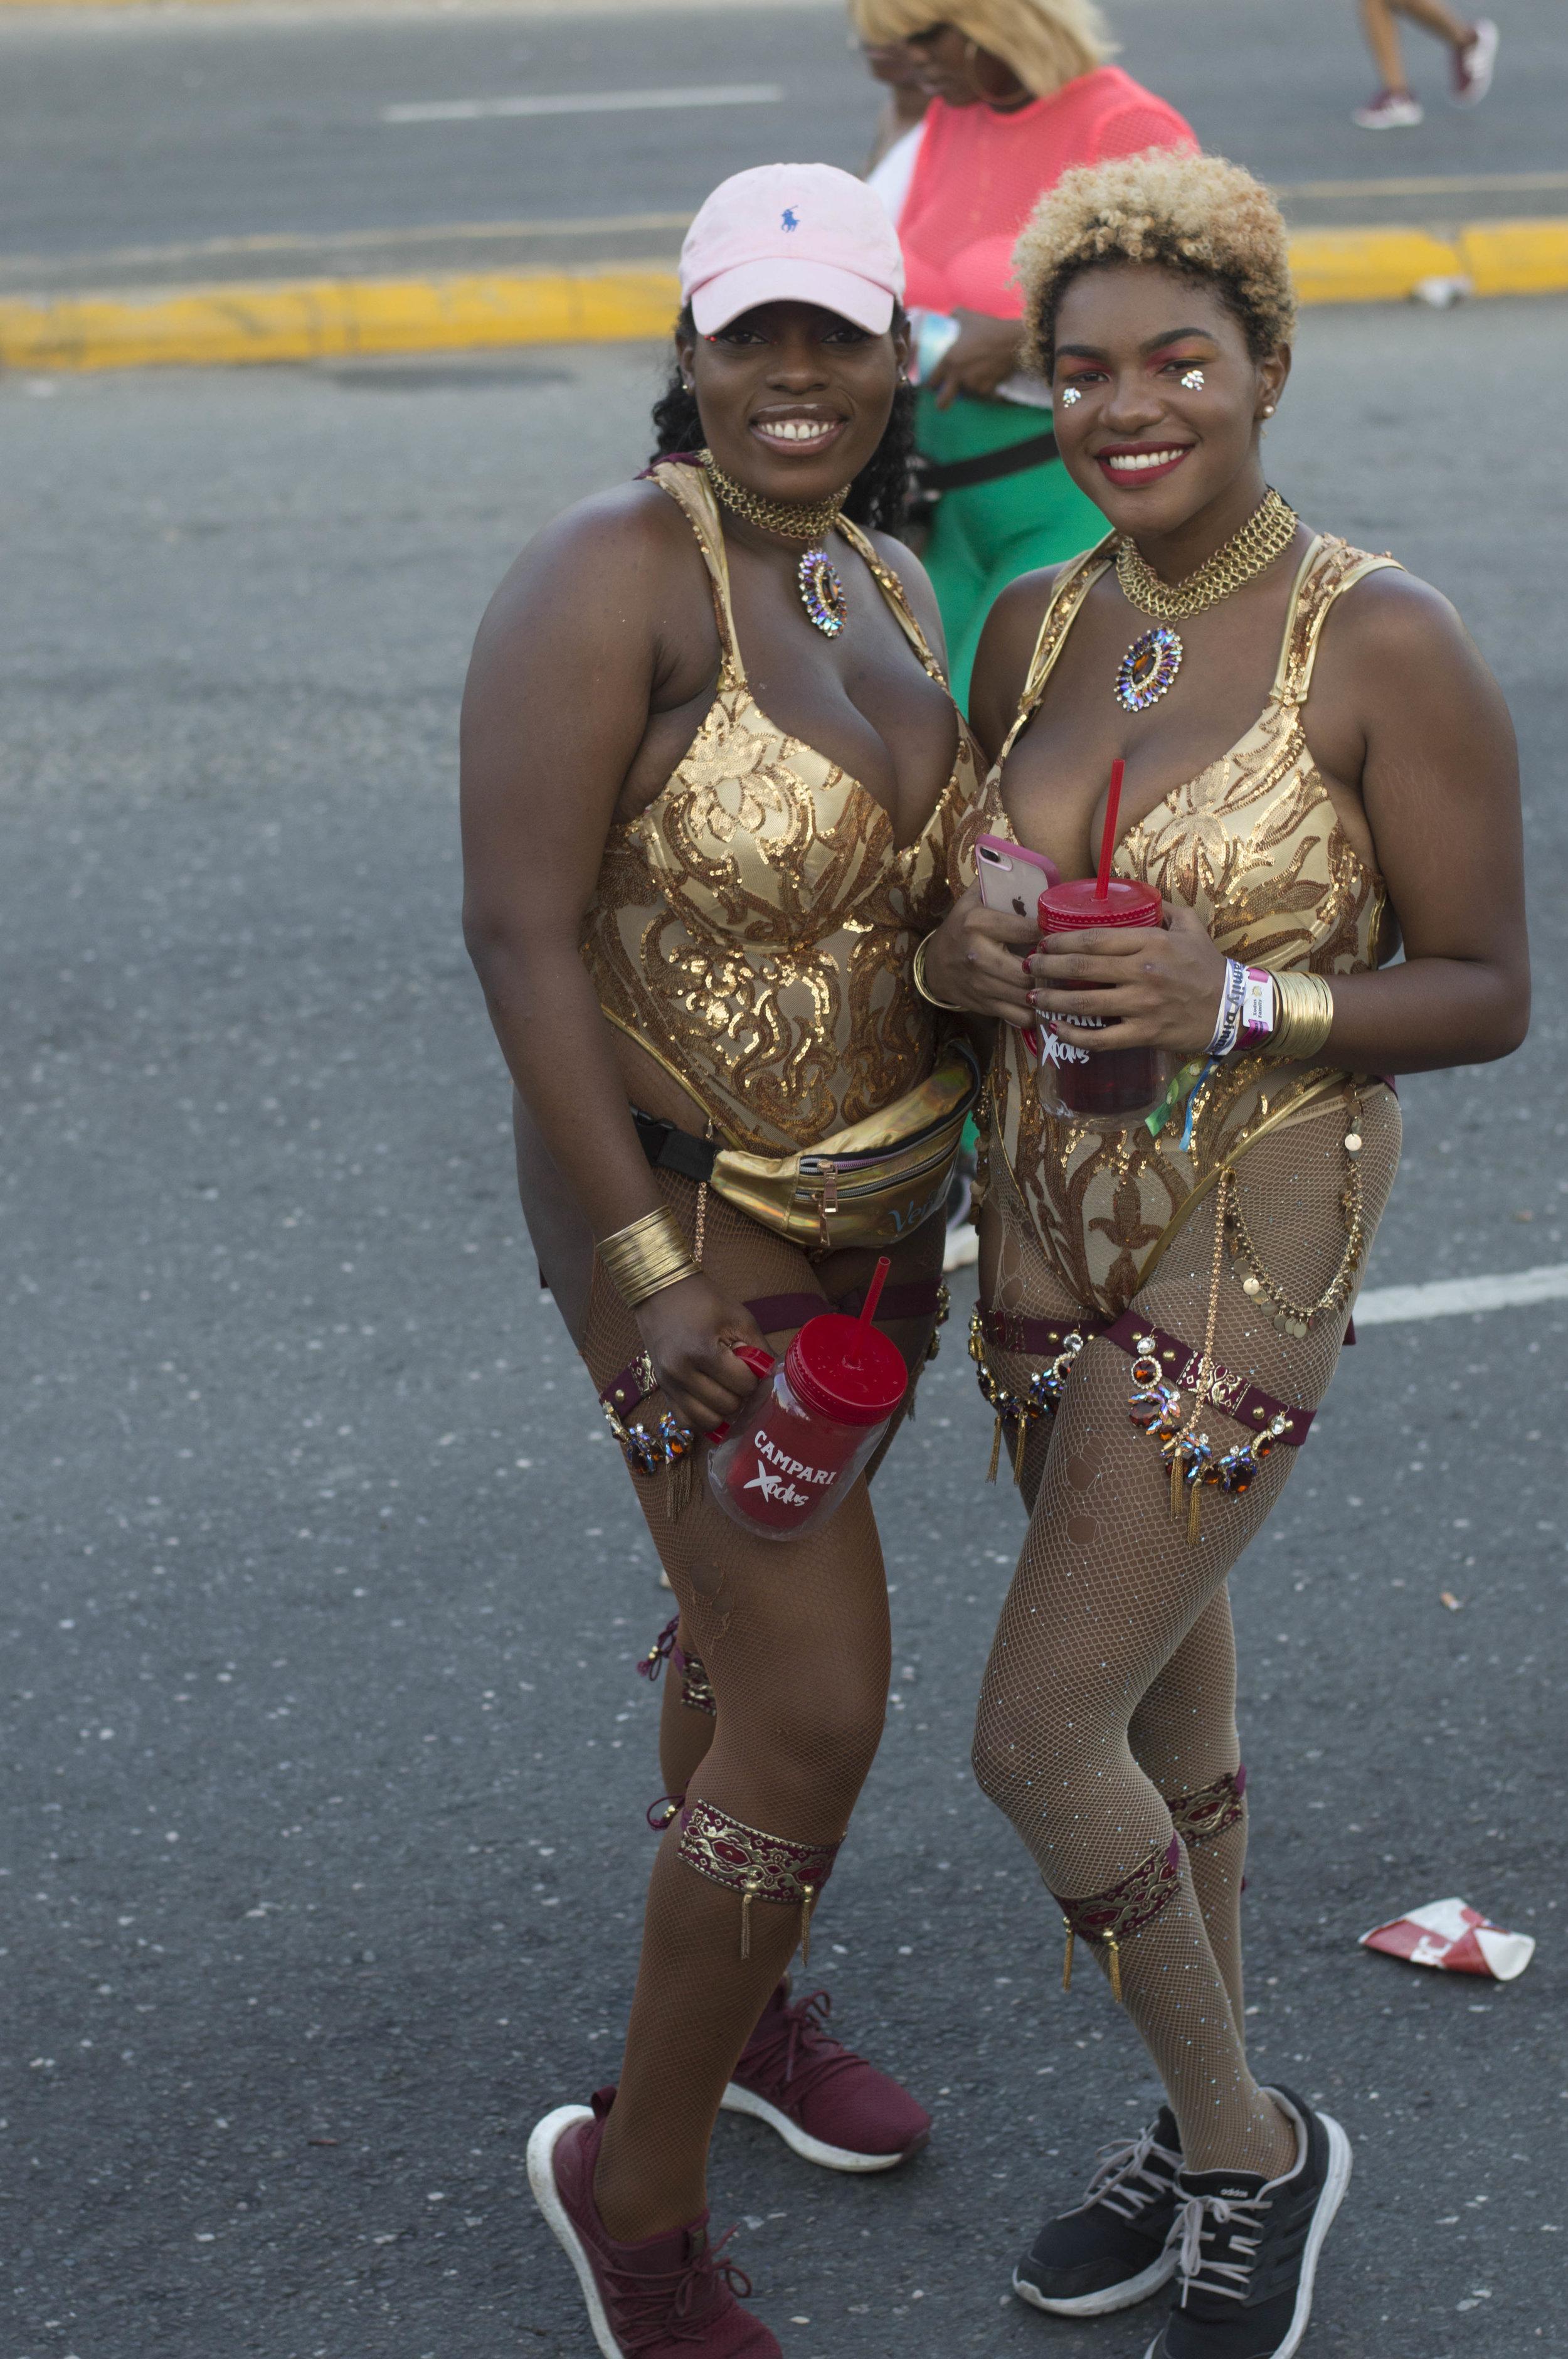 carnival2019_jeanalindo-58.jpg